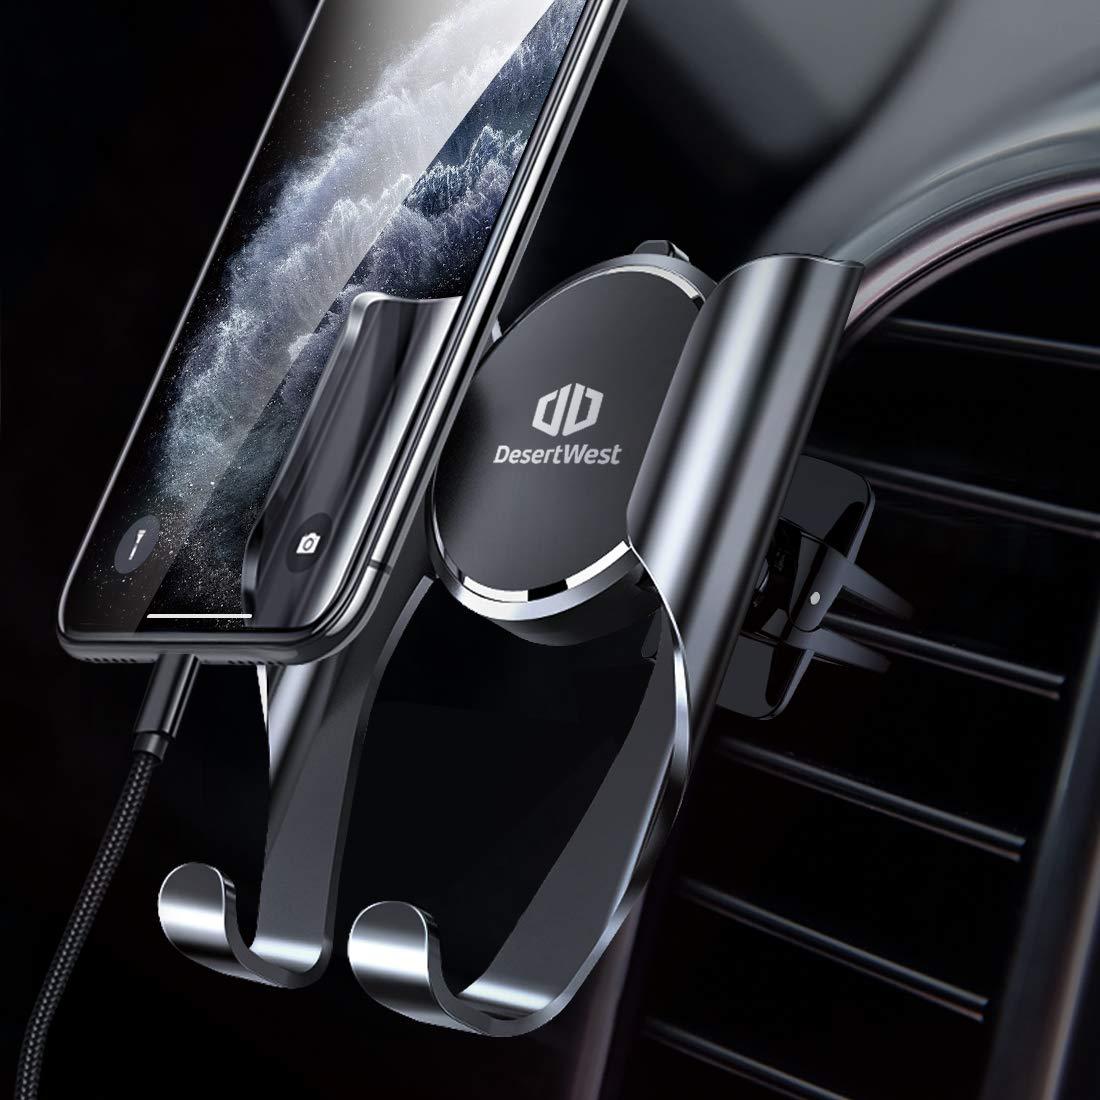 Handyhalter fürs Auto Handyhalterung Auto Smartphone Halterung Kfz Lüftung Halterung